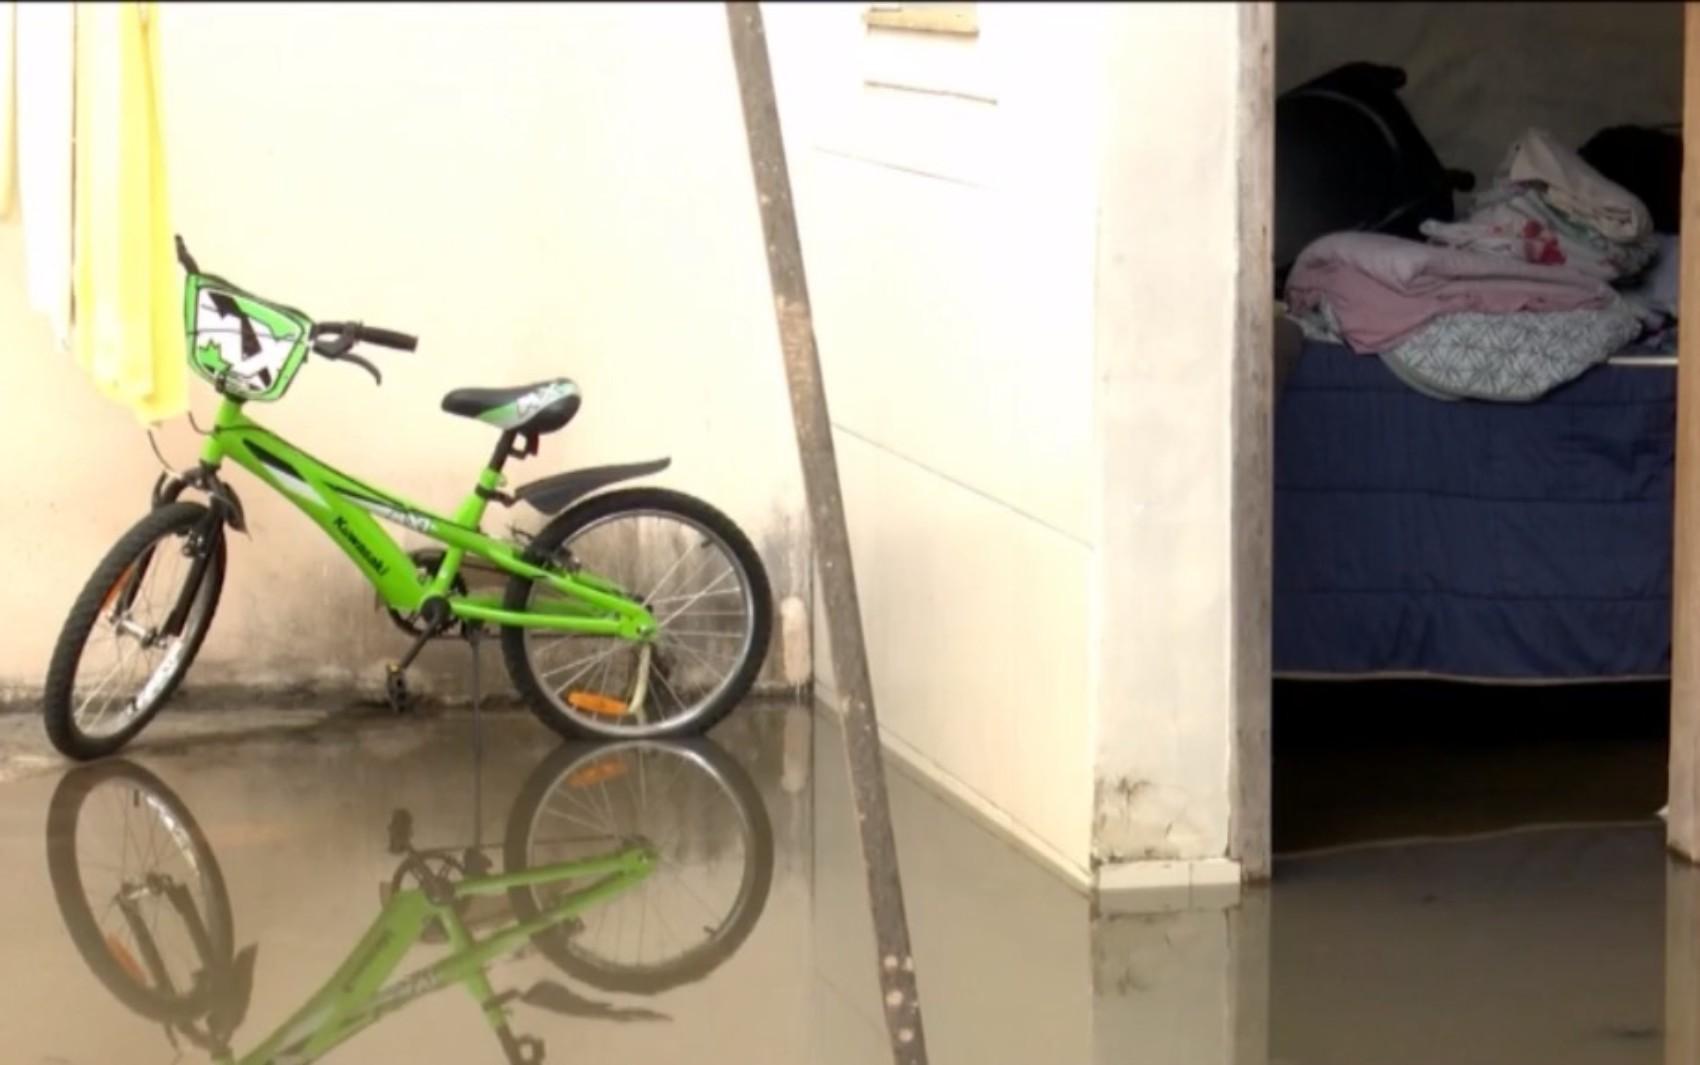 Rede de esgoto estoura e invade imóveis de residencial no sudoeste da BA; moradores dizem que caso é frequente